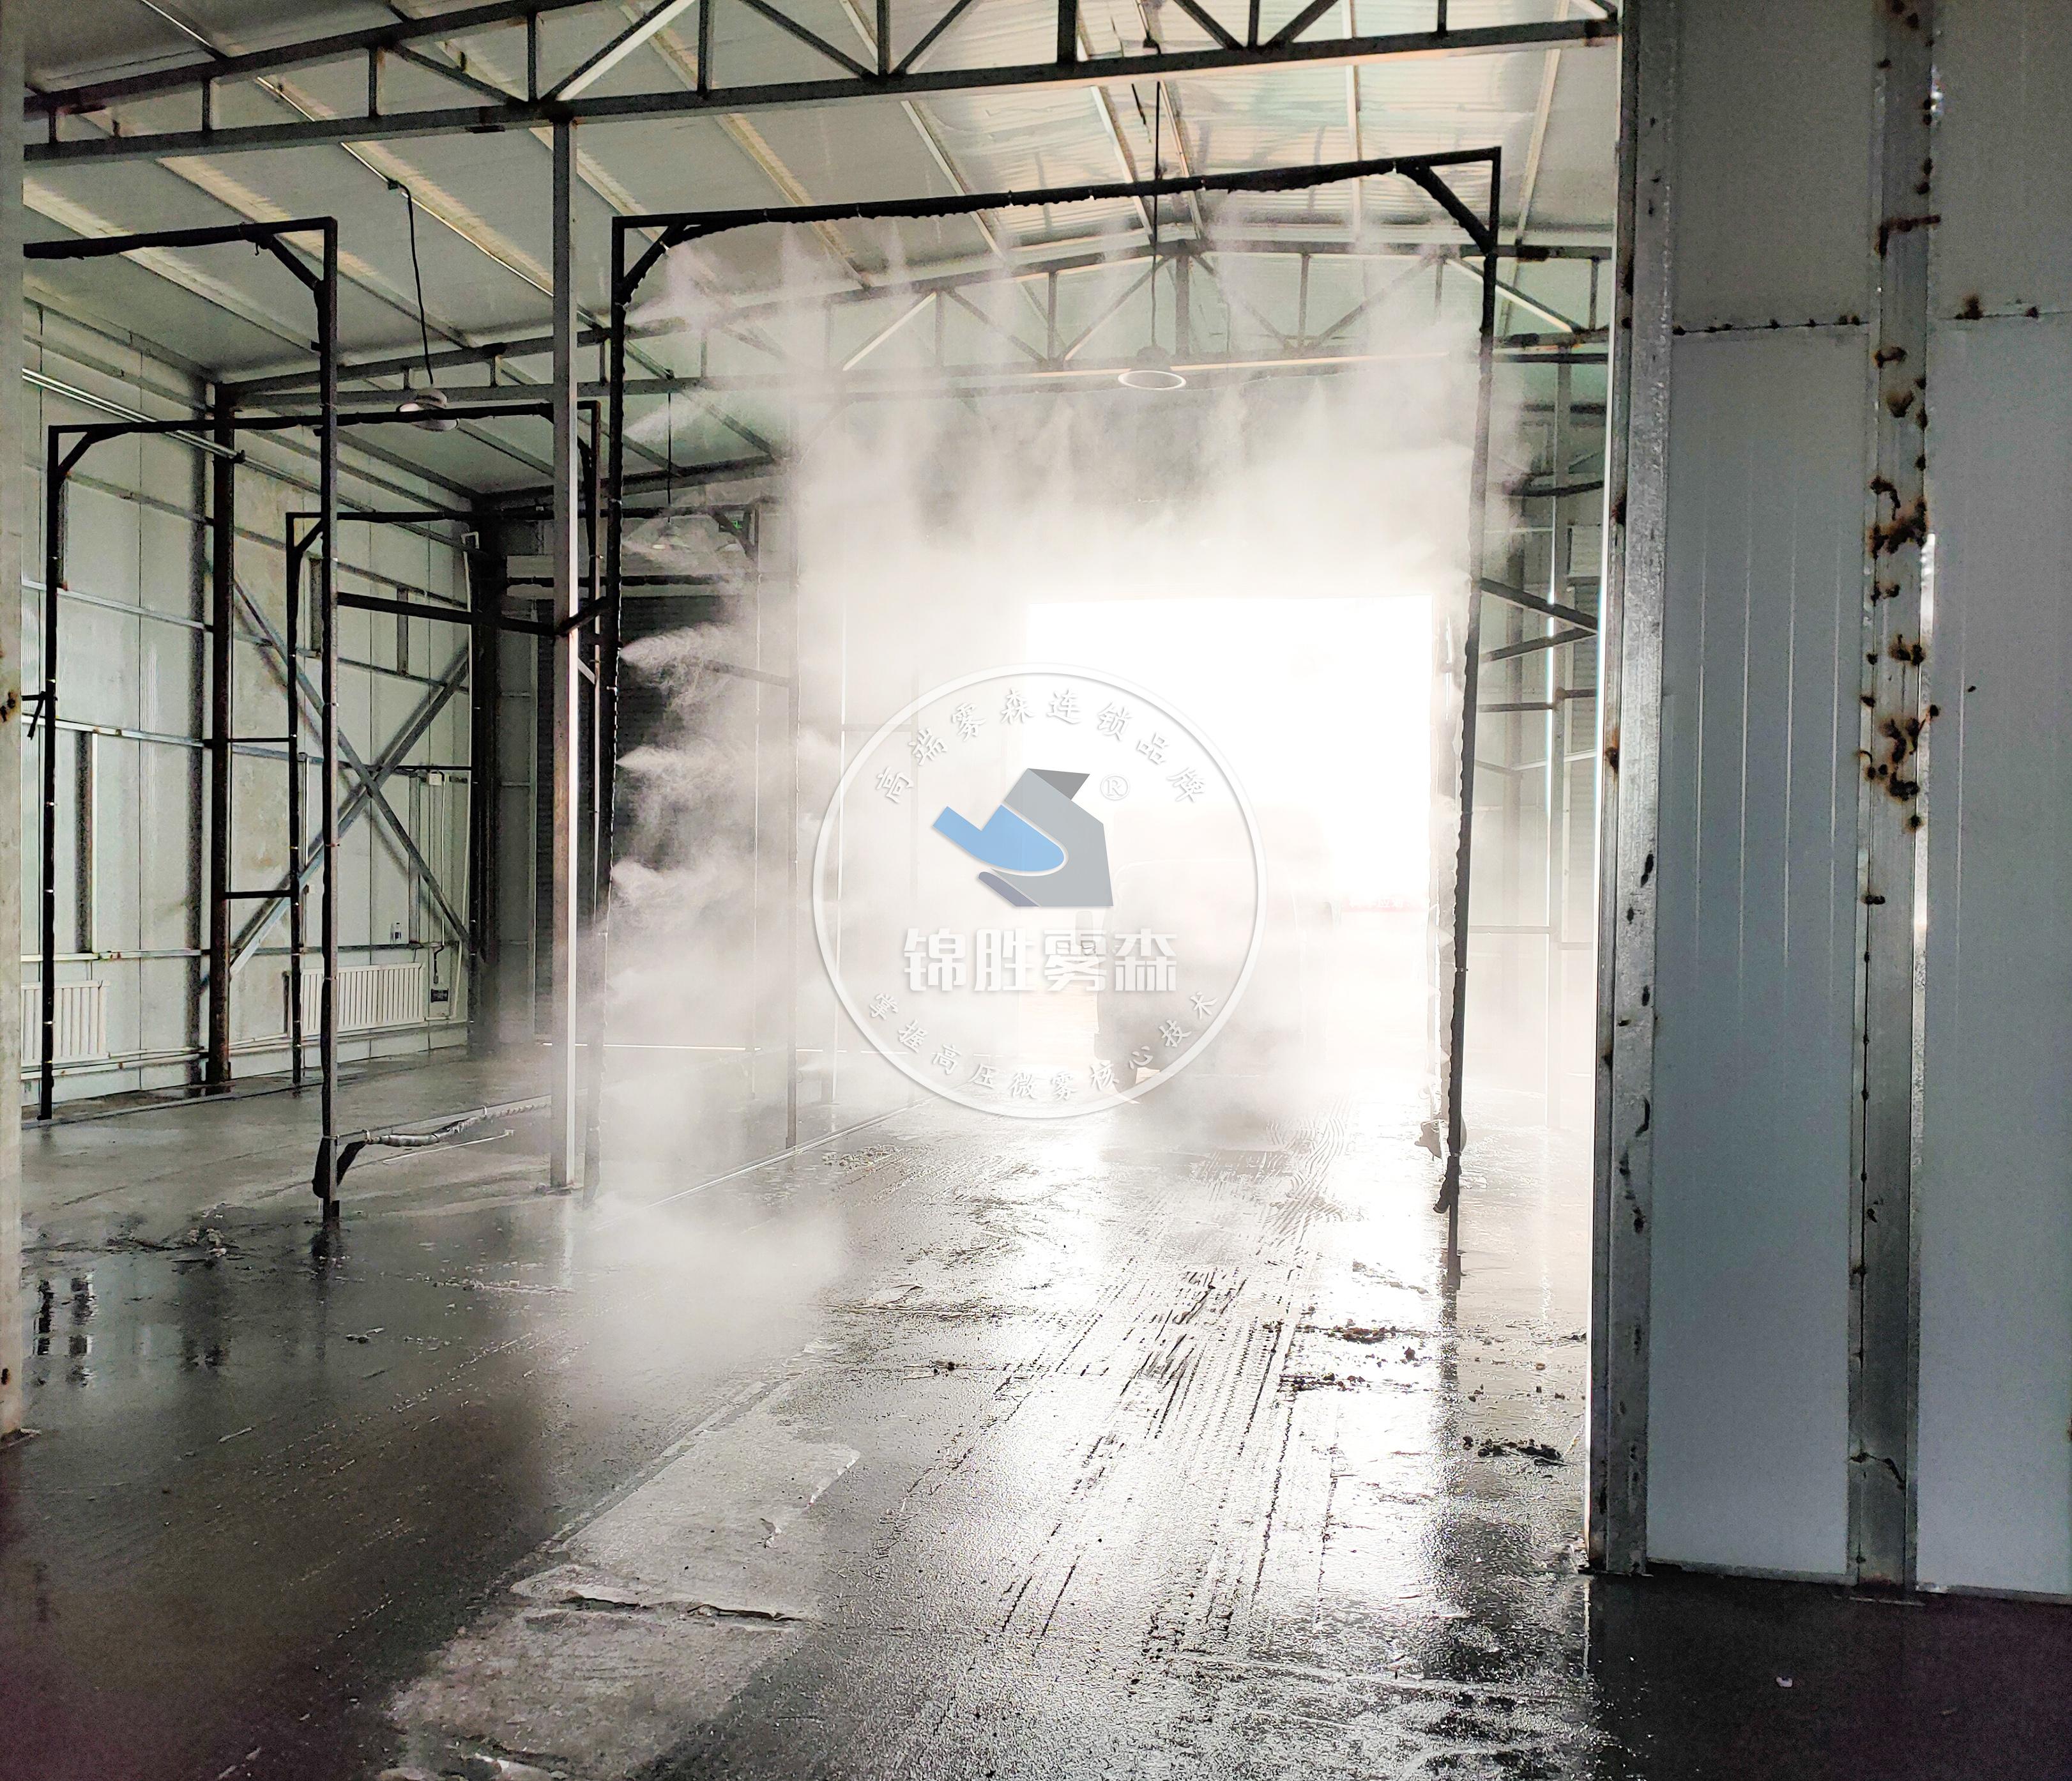 喷雾消毒是怎样做到有效杀菌消毒,改善生态健康的?——锦胜雾森